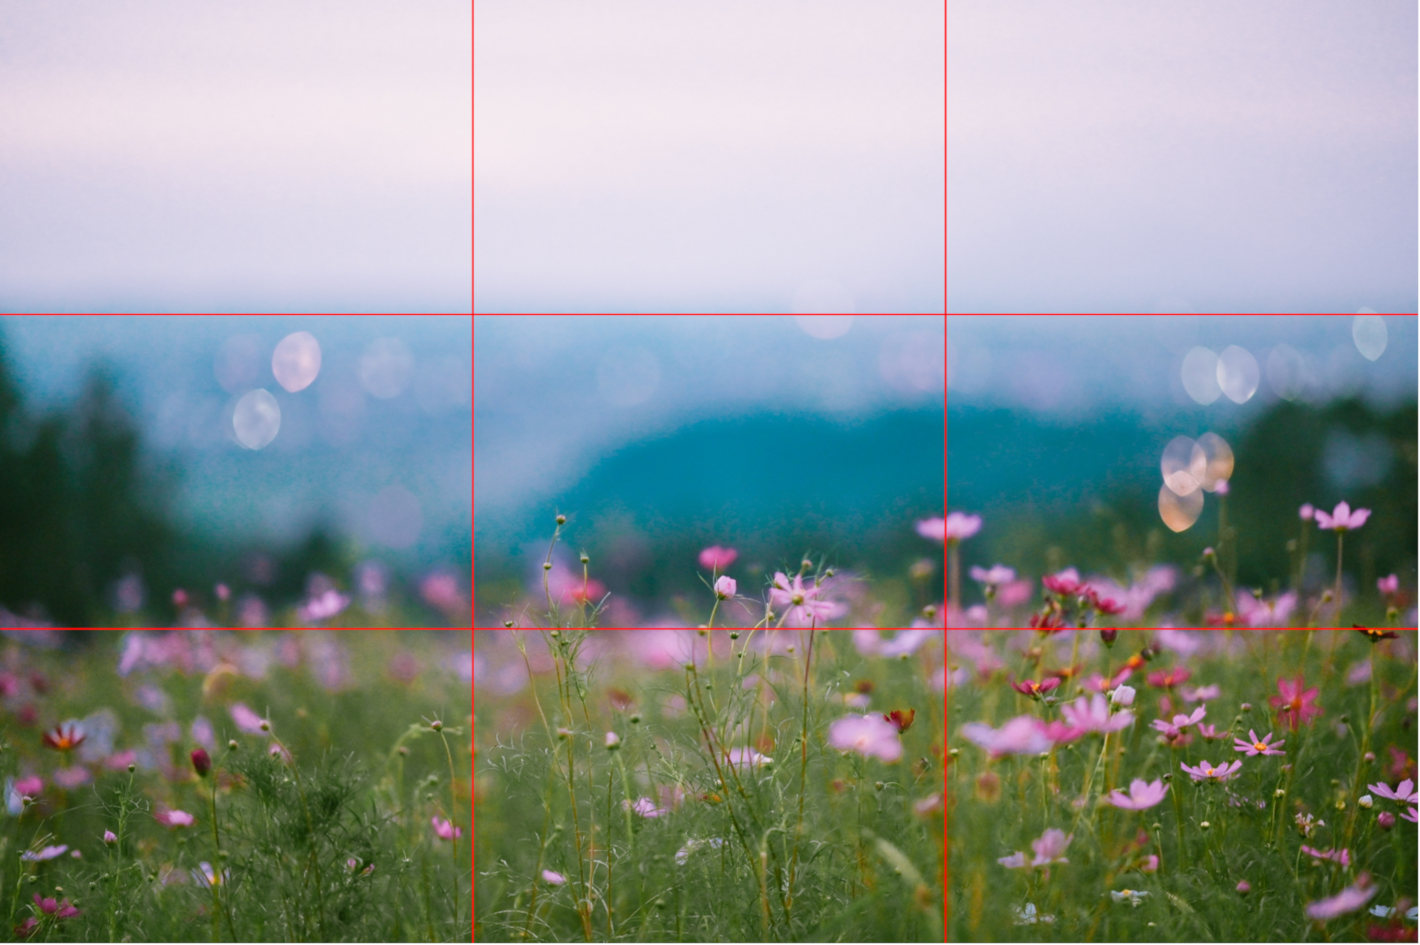 自分らしい風景の撮り方が見つかる! 自然風景の魅力を引き出す6つのヒント